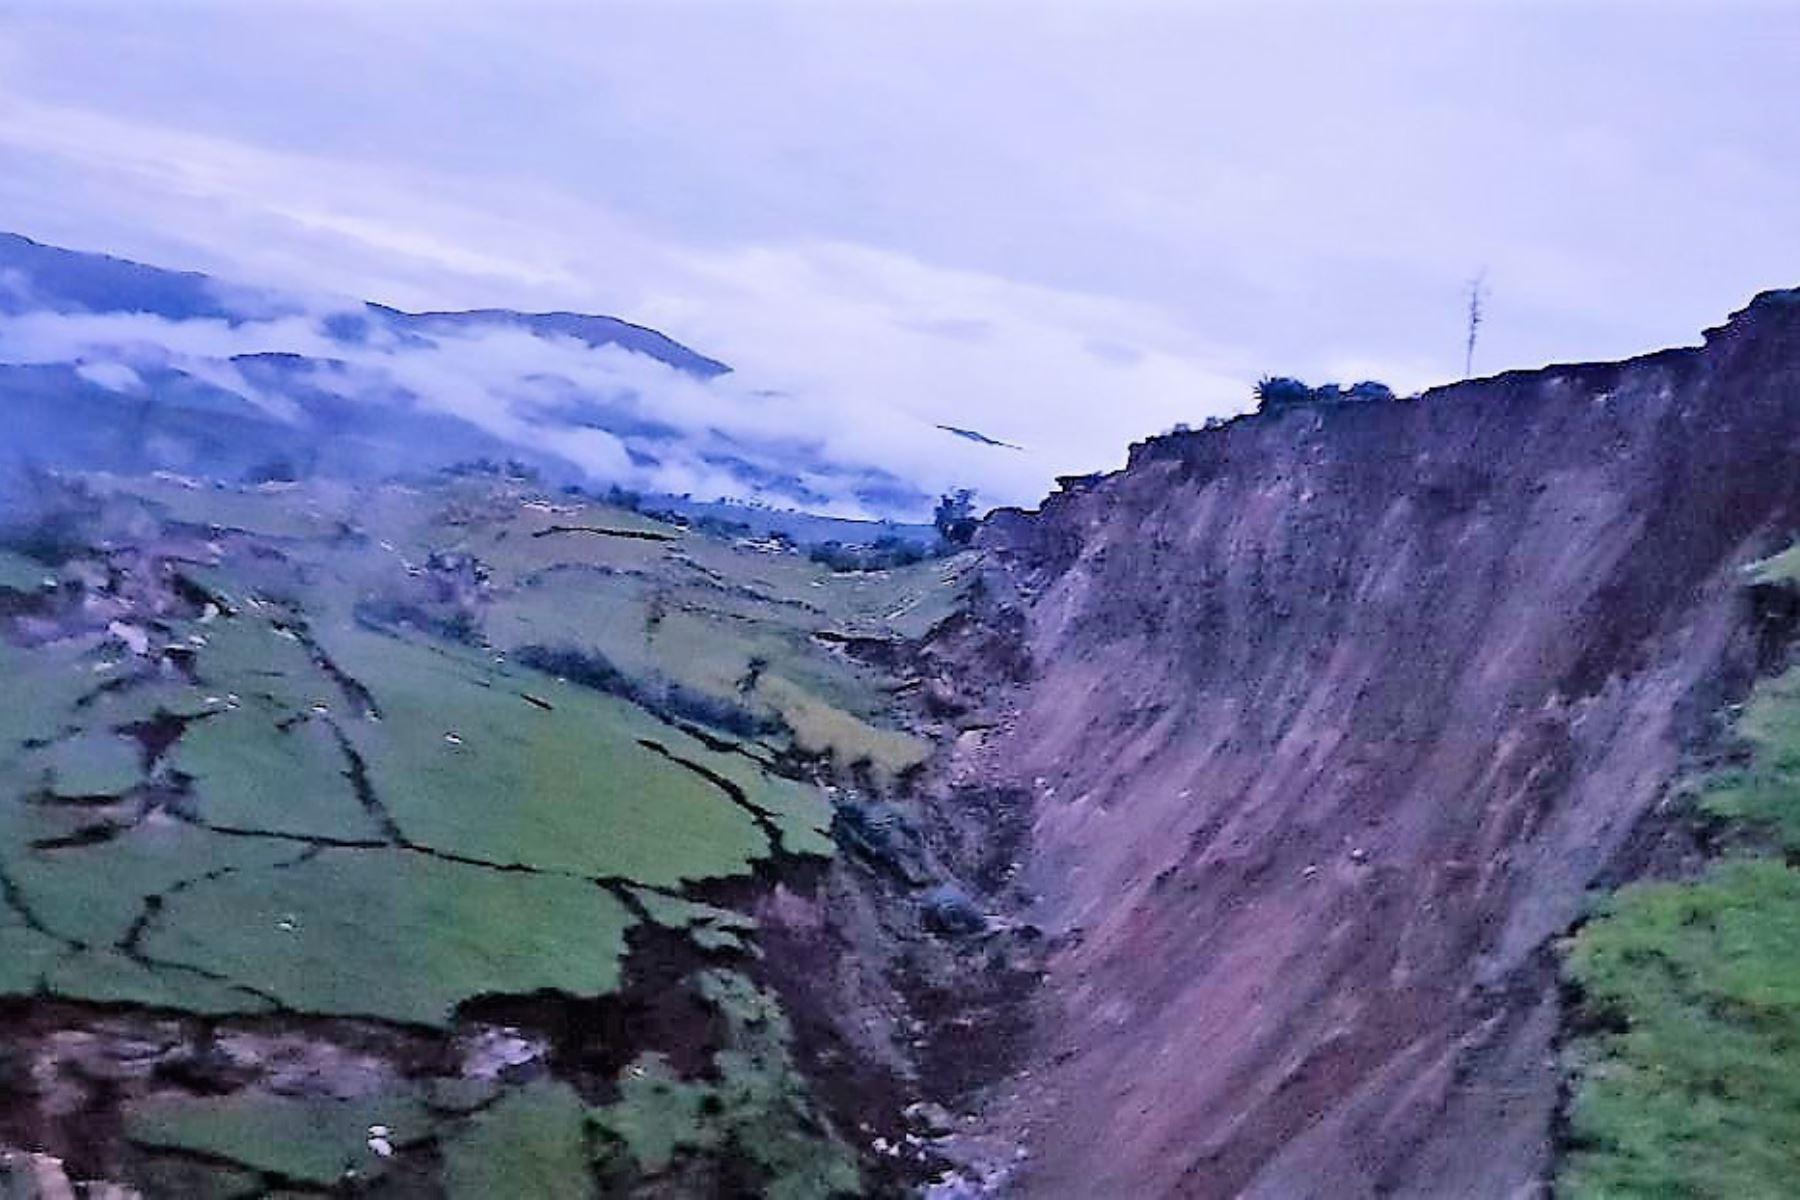 Falla geológica destruye casas, centro de salud y camino en distrito de Llusco, en Cusco. ANDINA